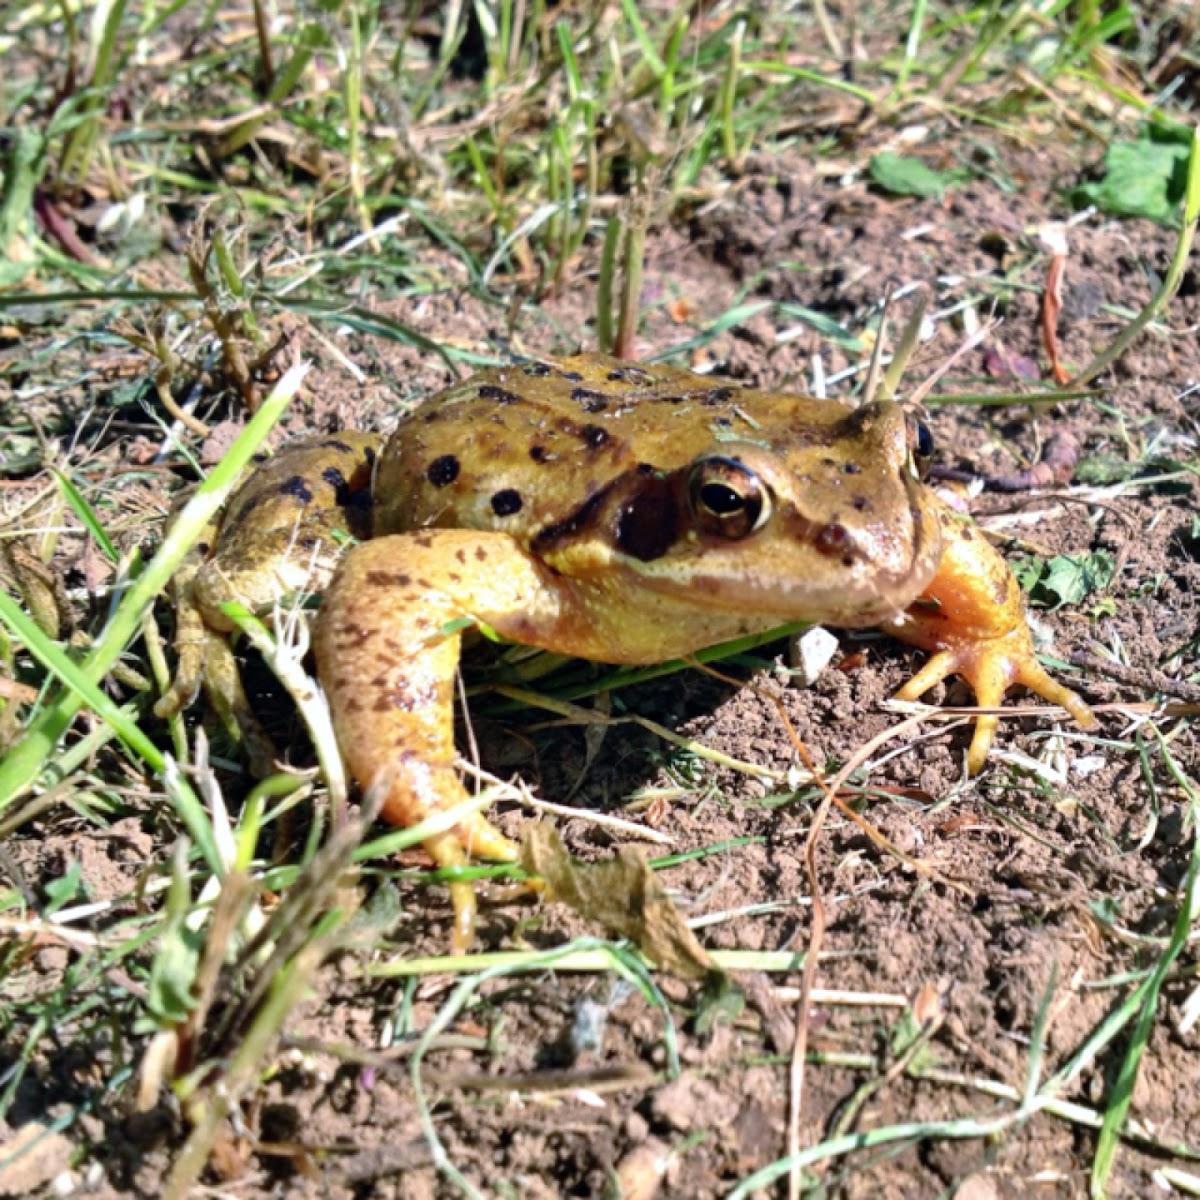 Grasfrosch or European Common Frog